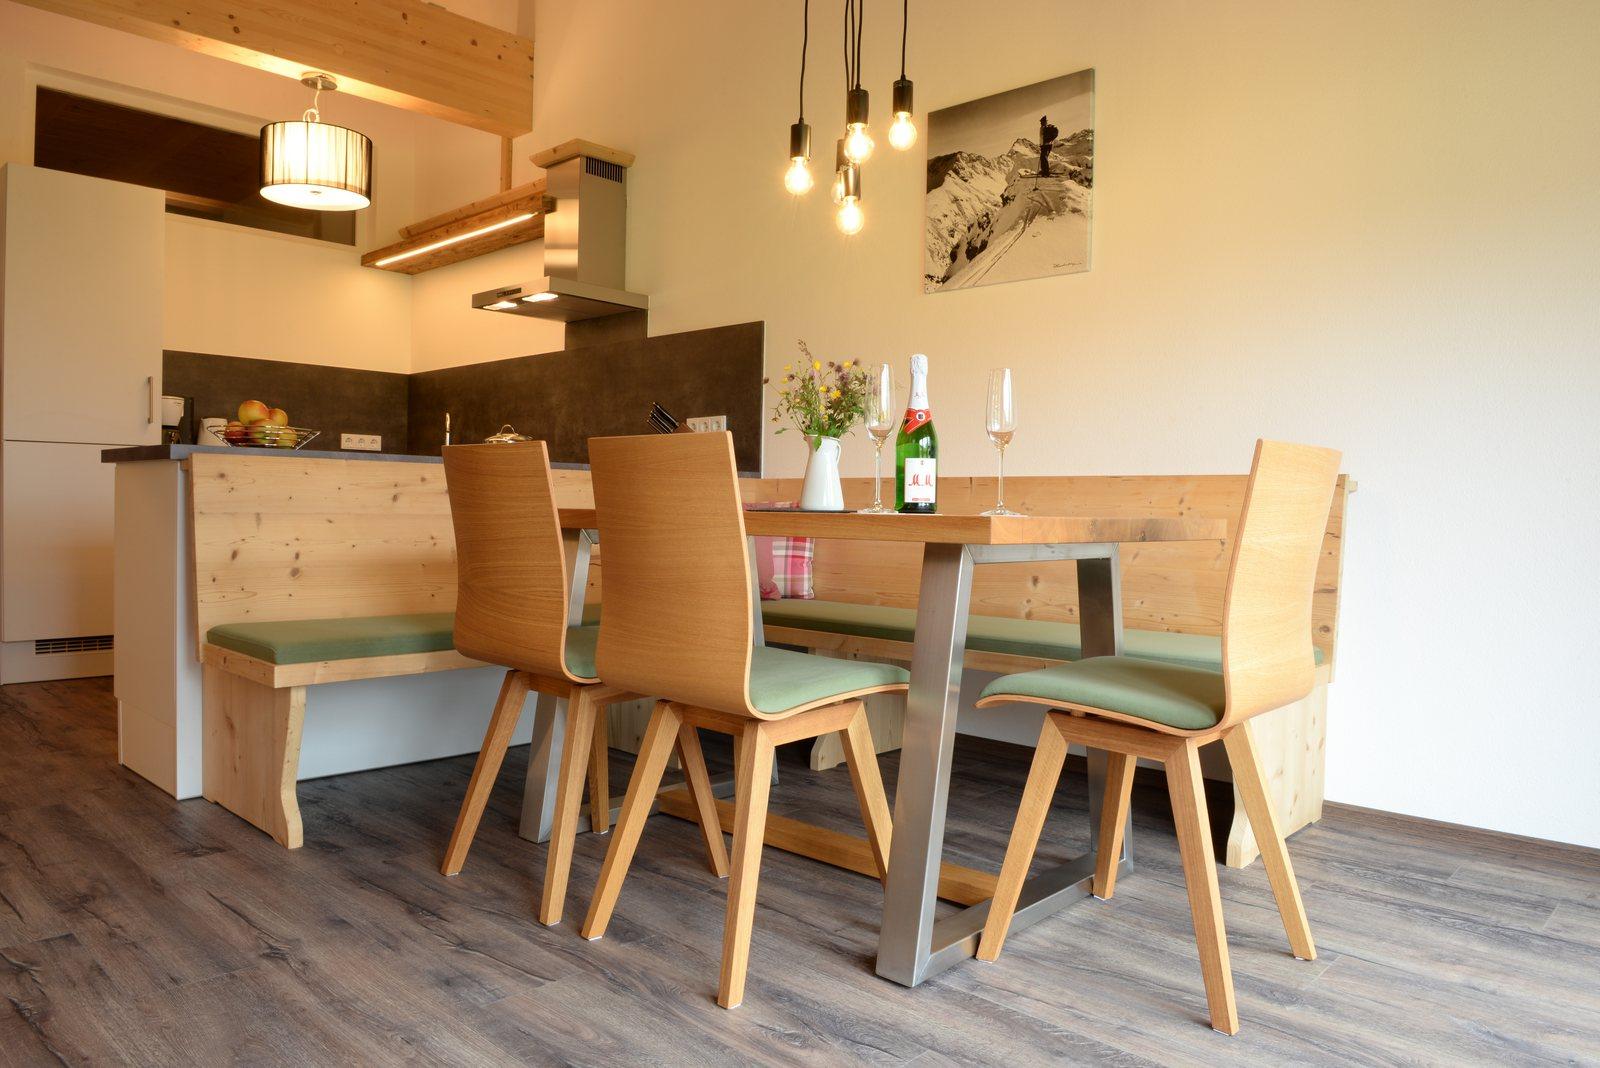 offener dachstuhl durch das richtige lften kann man vermeiden und das wohnklima verbessern. Black Bedroom Furniture Sets. Home Design Ideas